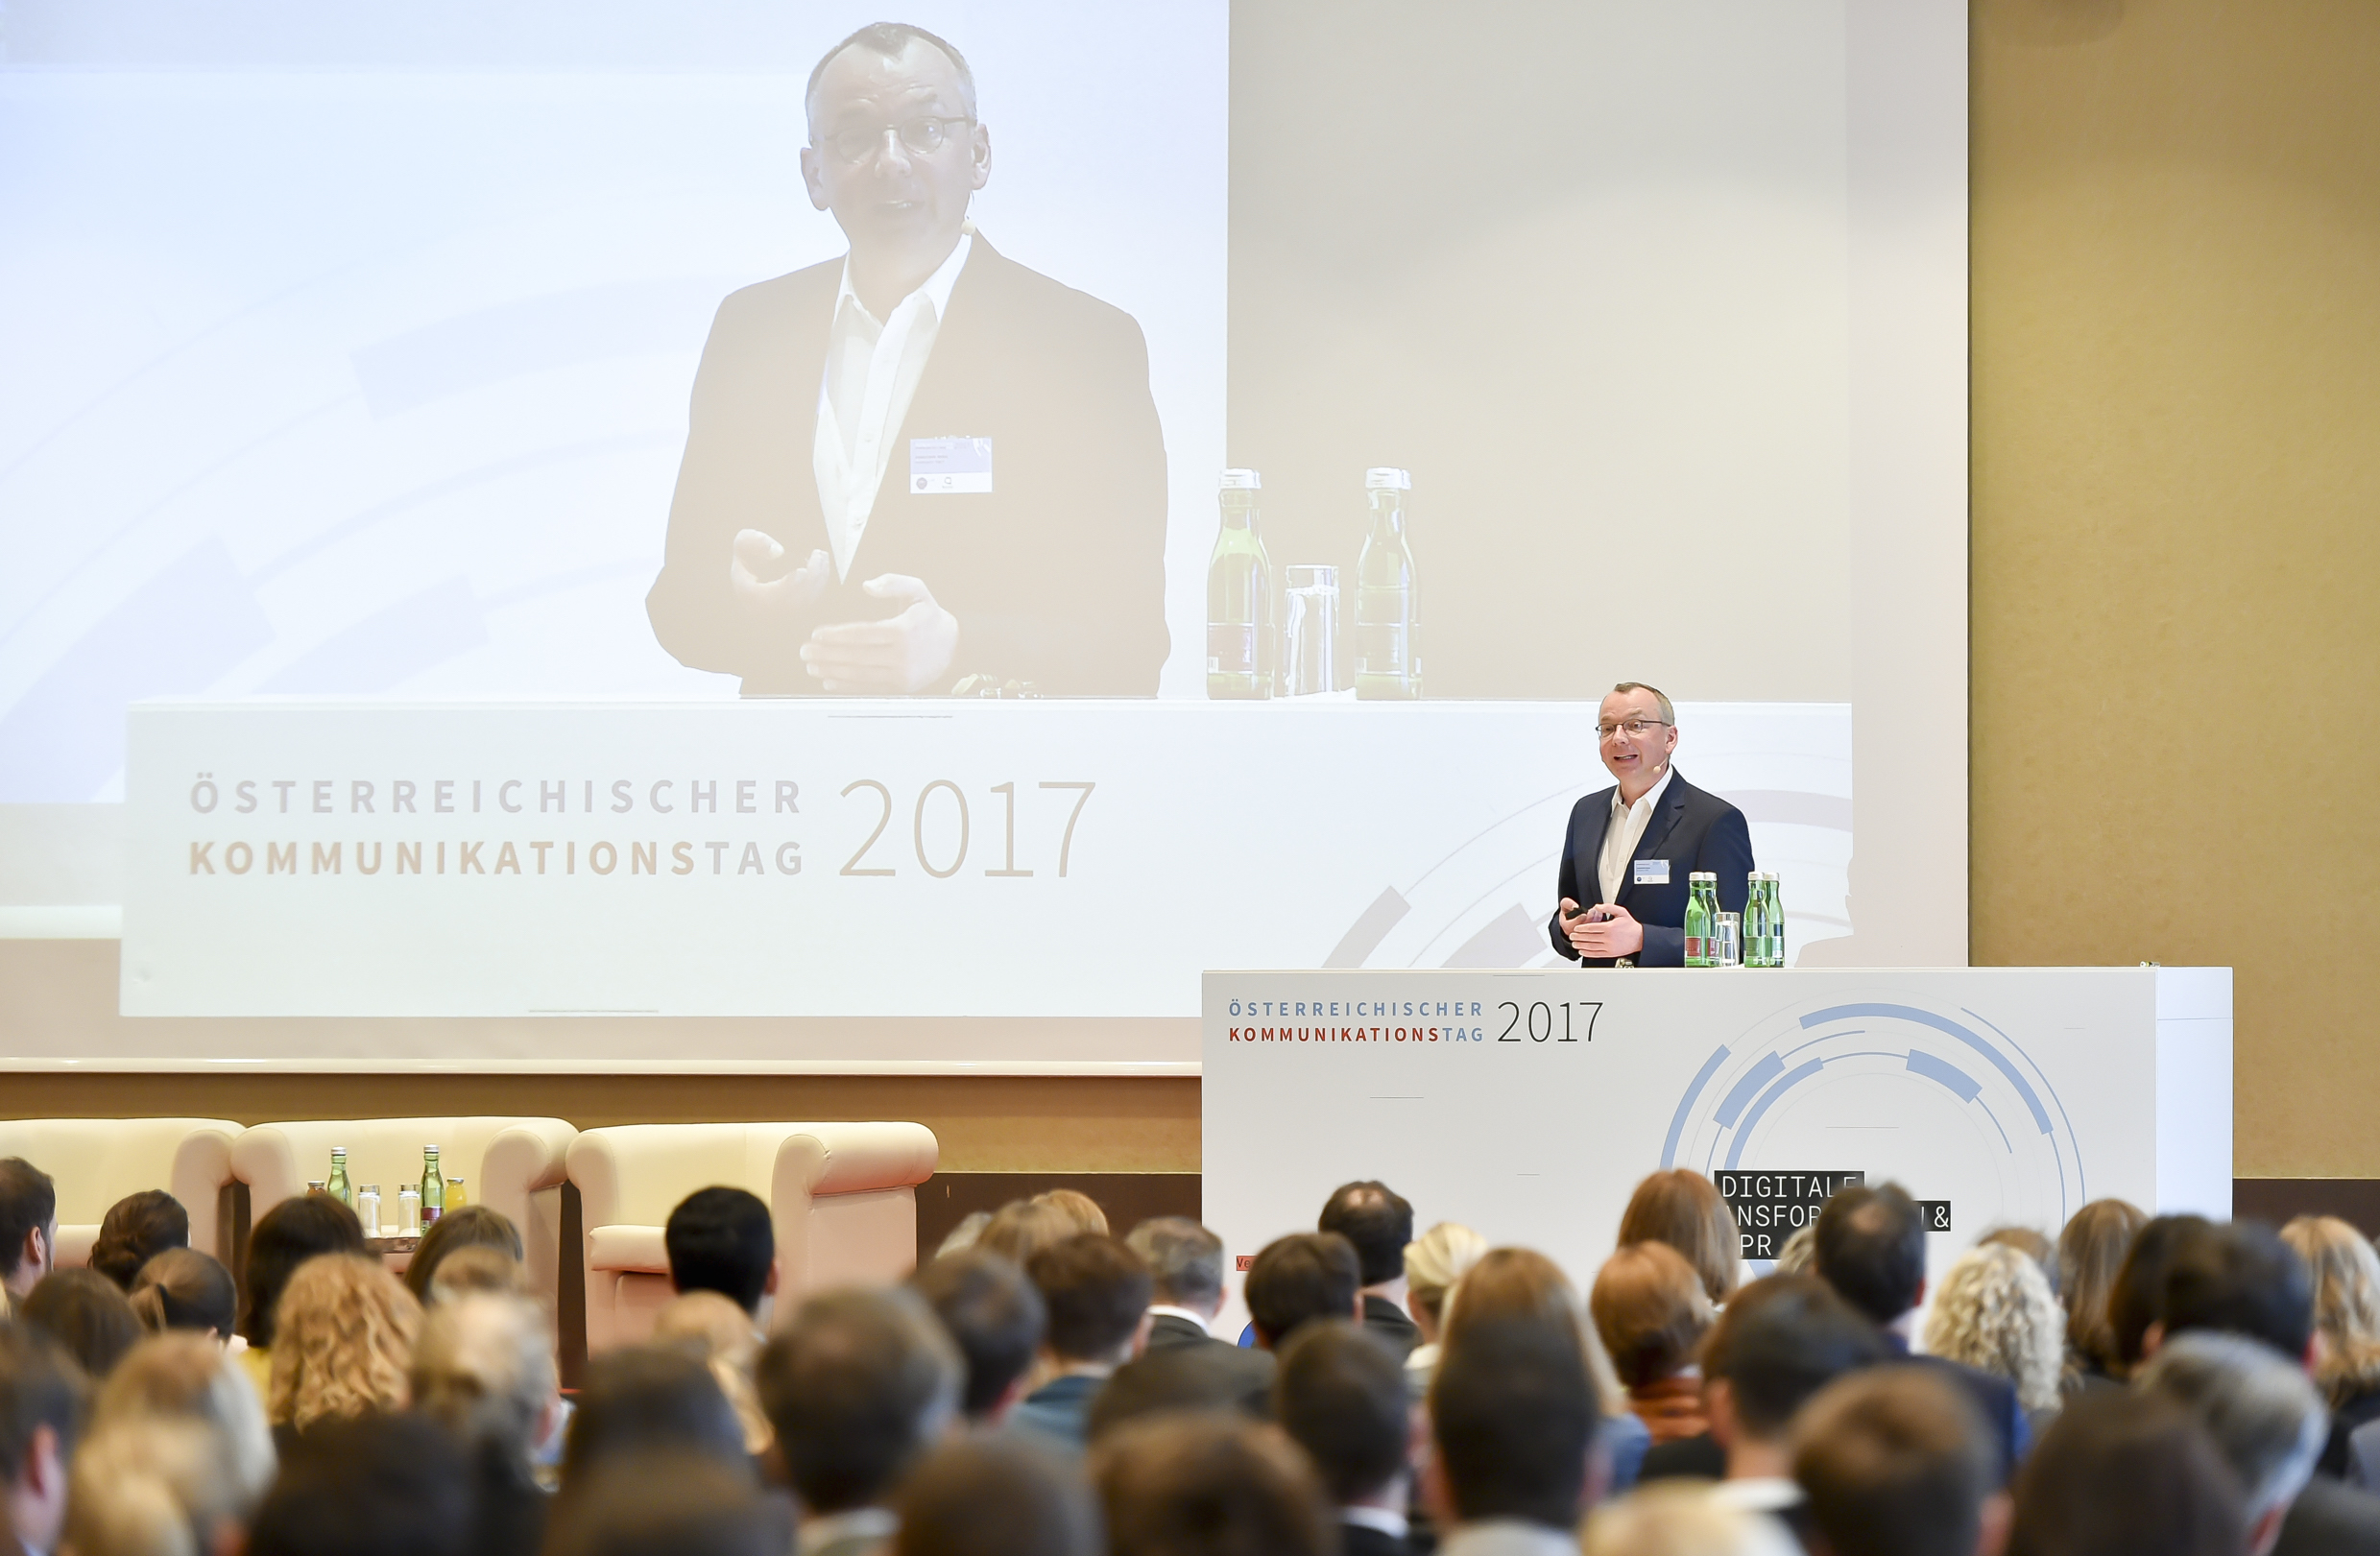 Christoph Moss Wien Österreichischer Kommunikationstag 2017